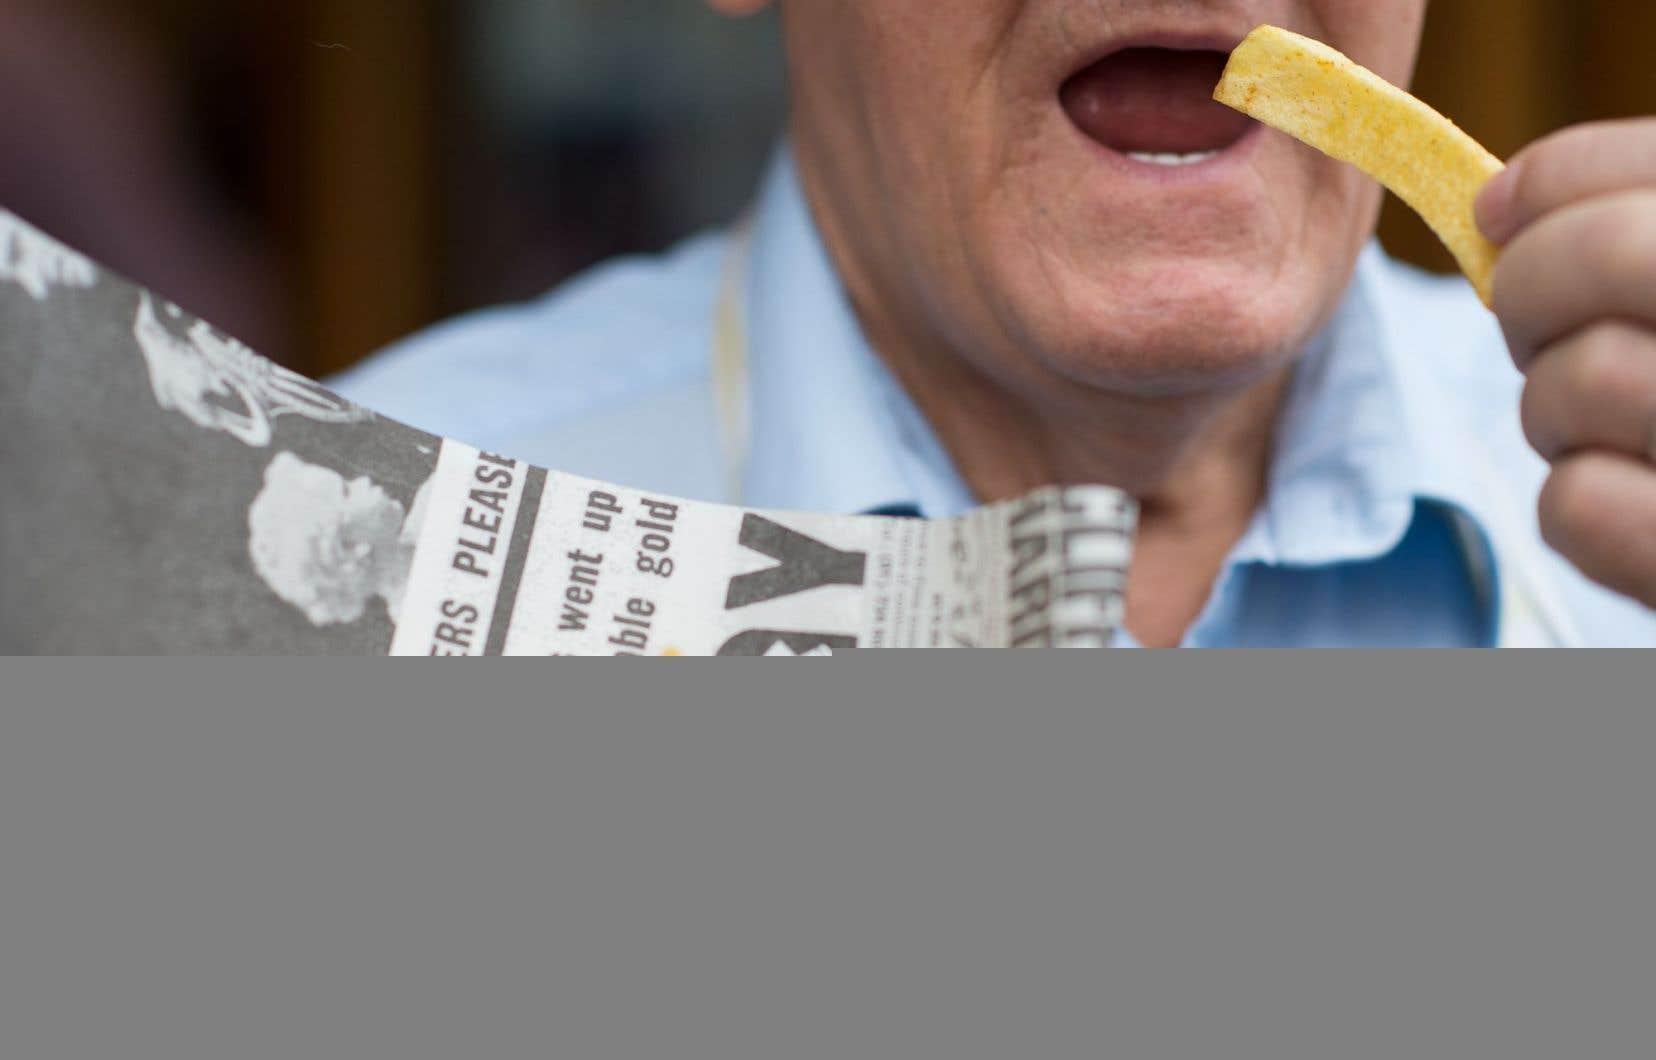 Il faut faire bien attention de ne pas trop griller frites et rôties, recommandent les autorités sanitaires britanniques.